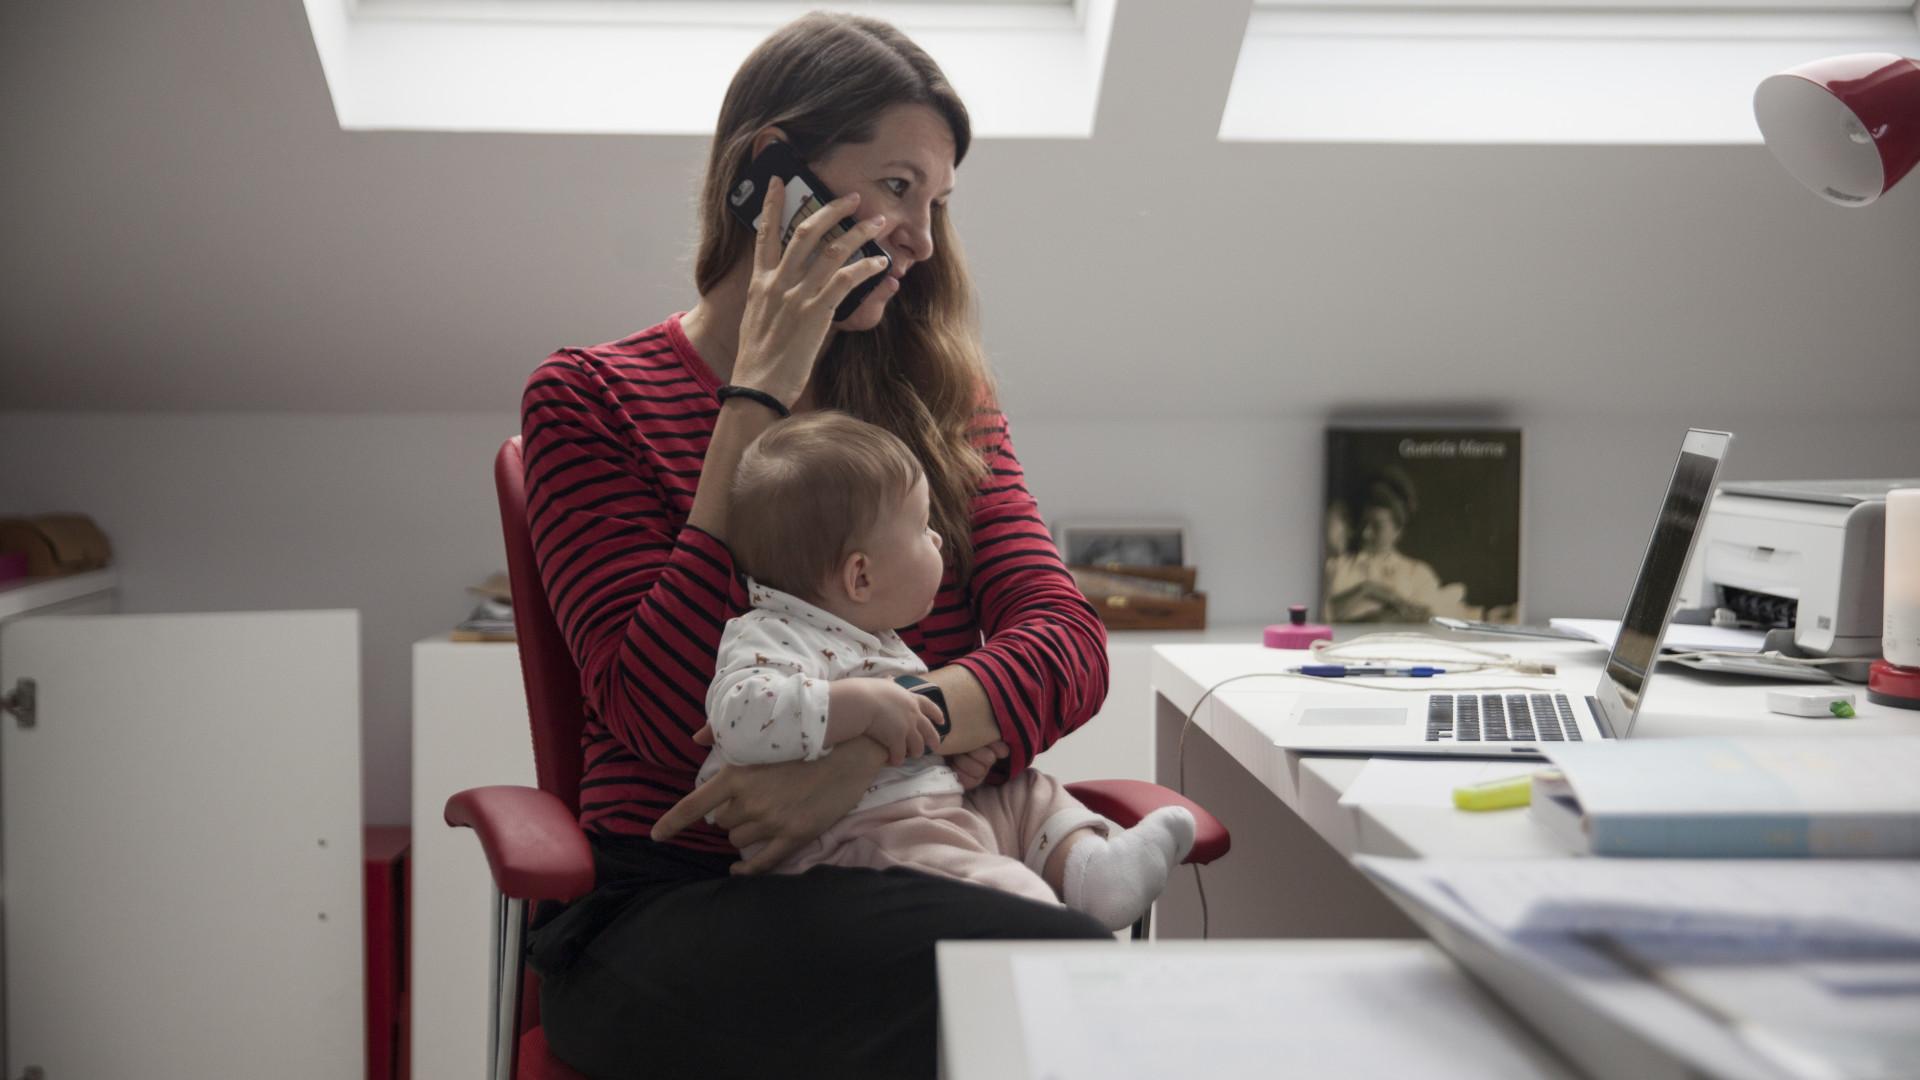 Kisgyerekes anya ne dolgozzon! Ebben a témában fényévekre vagyunk a nyugattól